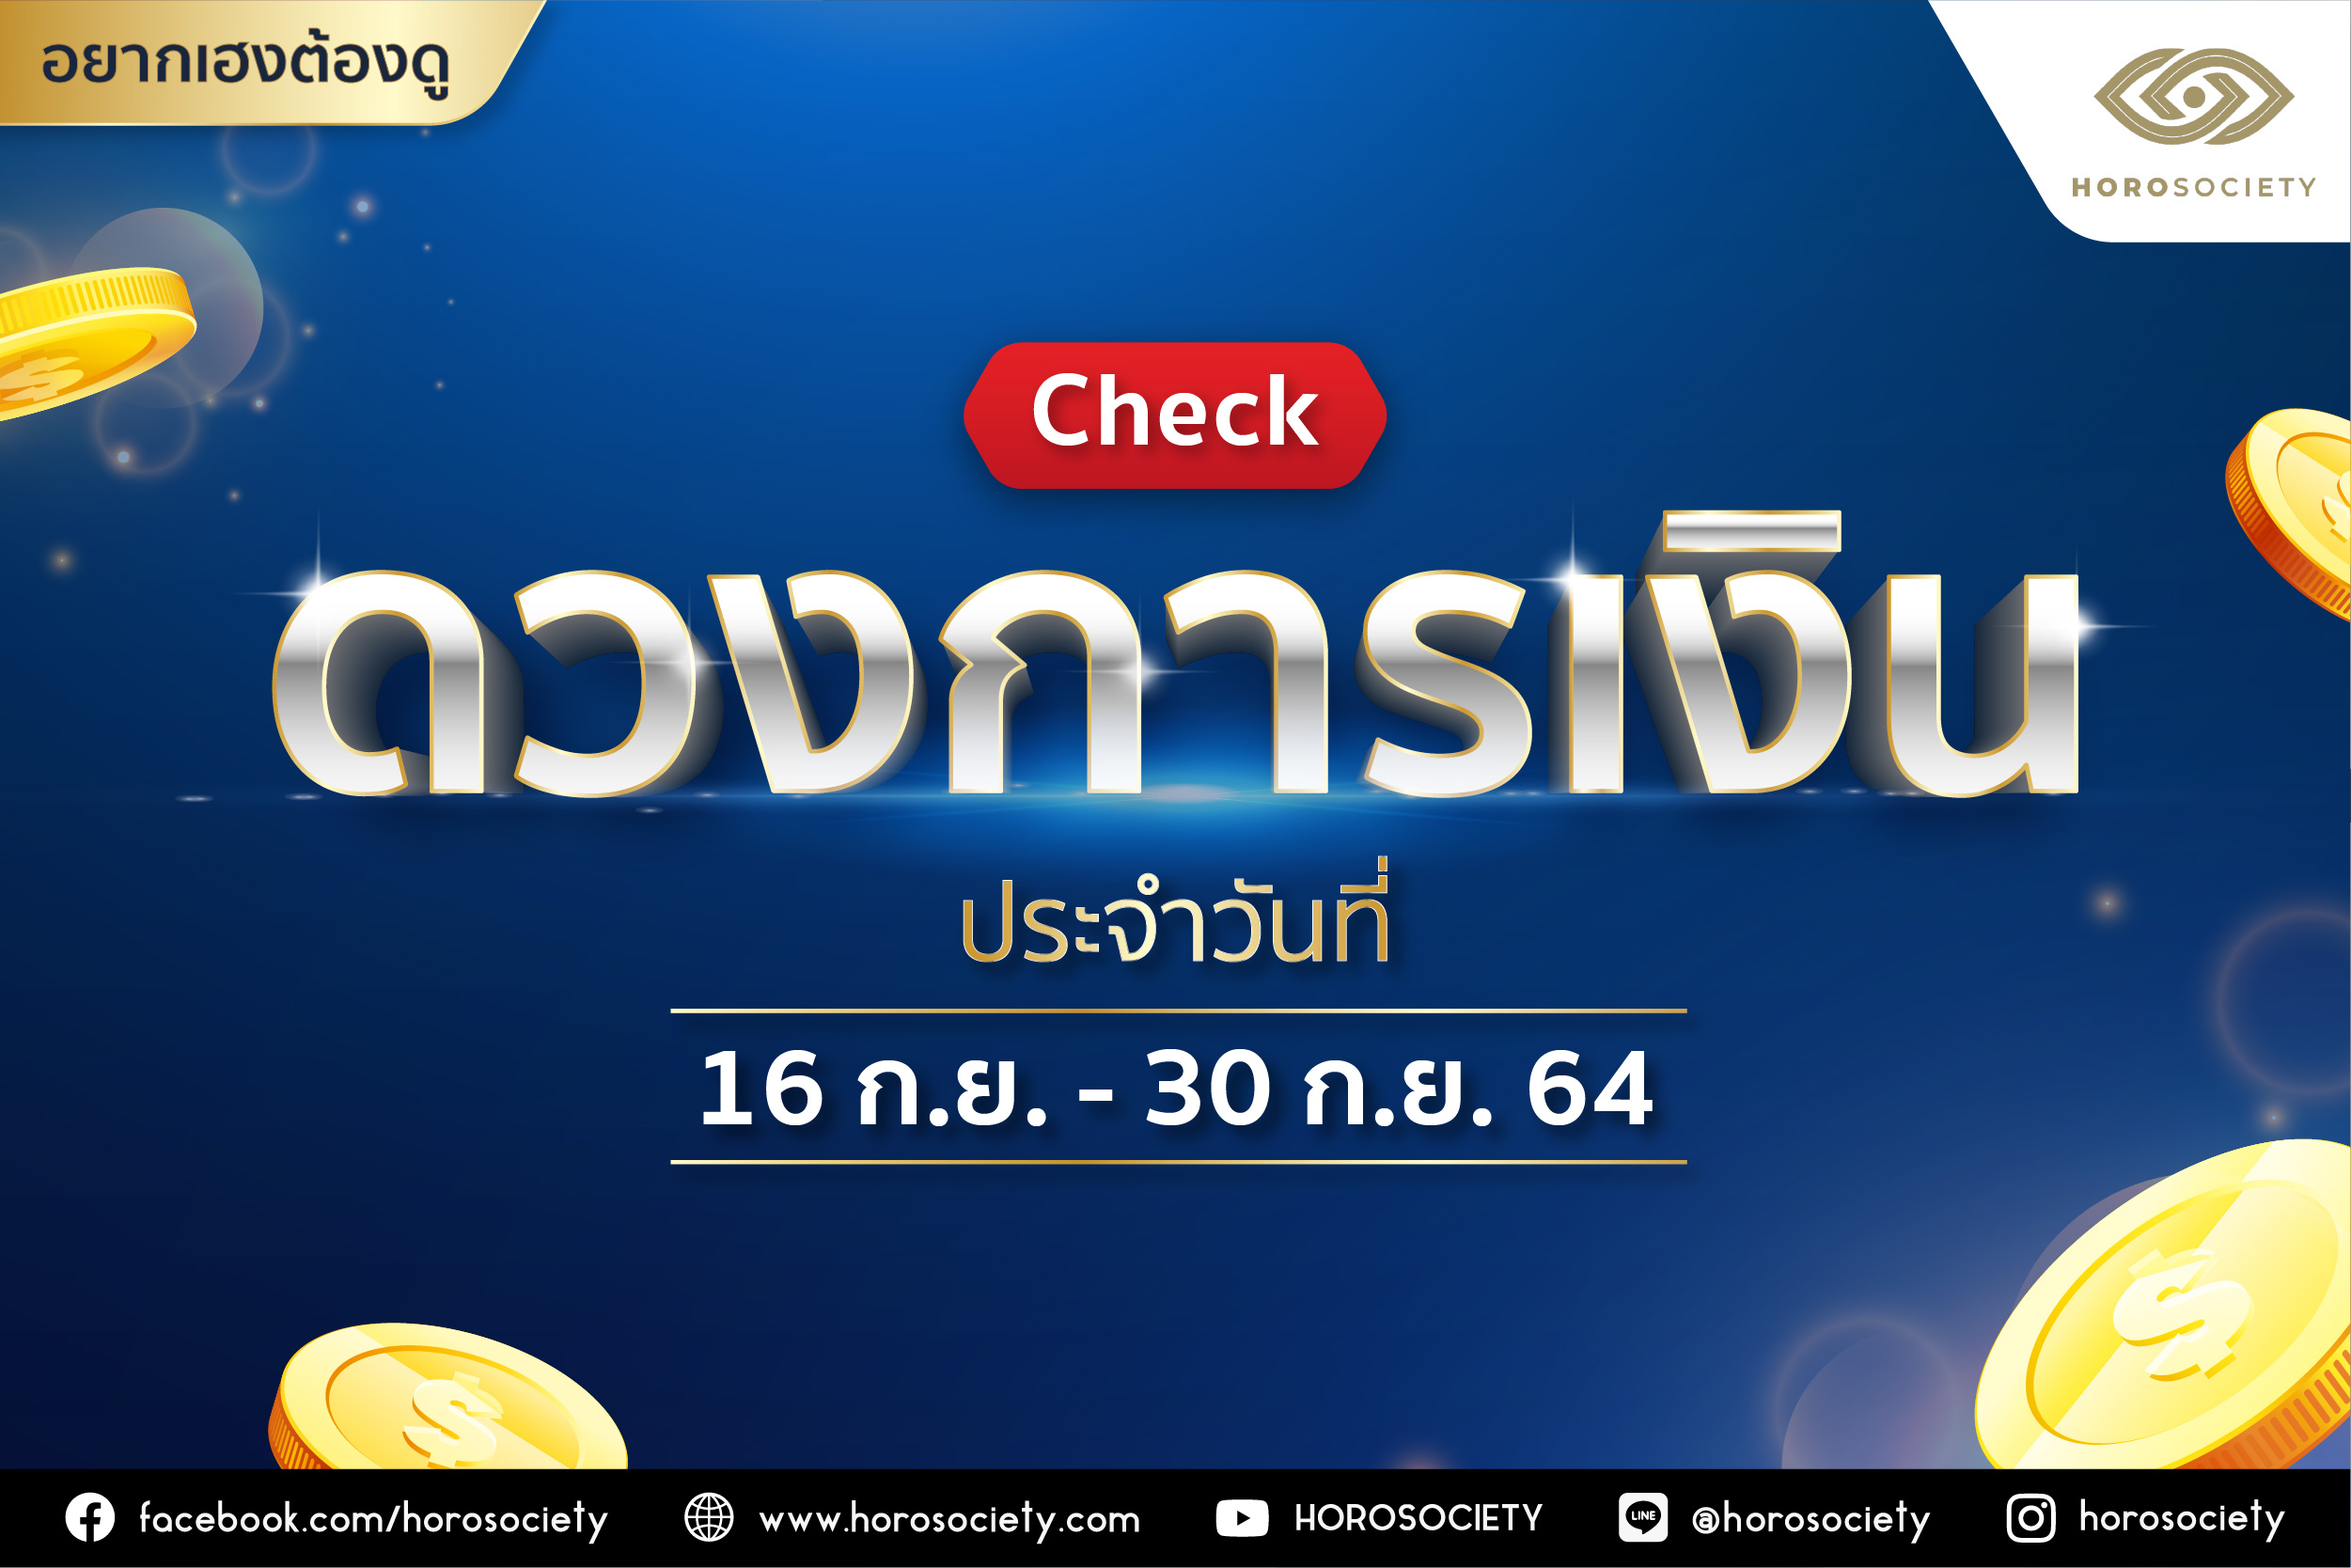 เช็กดวงการเงินประจำวันที่ 16-30 กันยายน 2564 โดย Horosociety